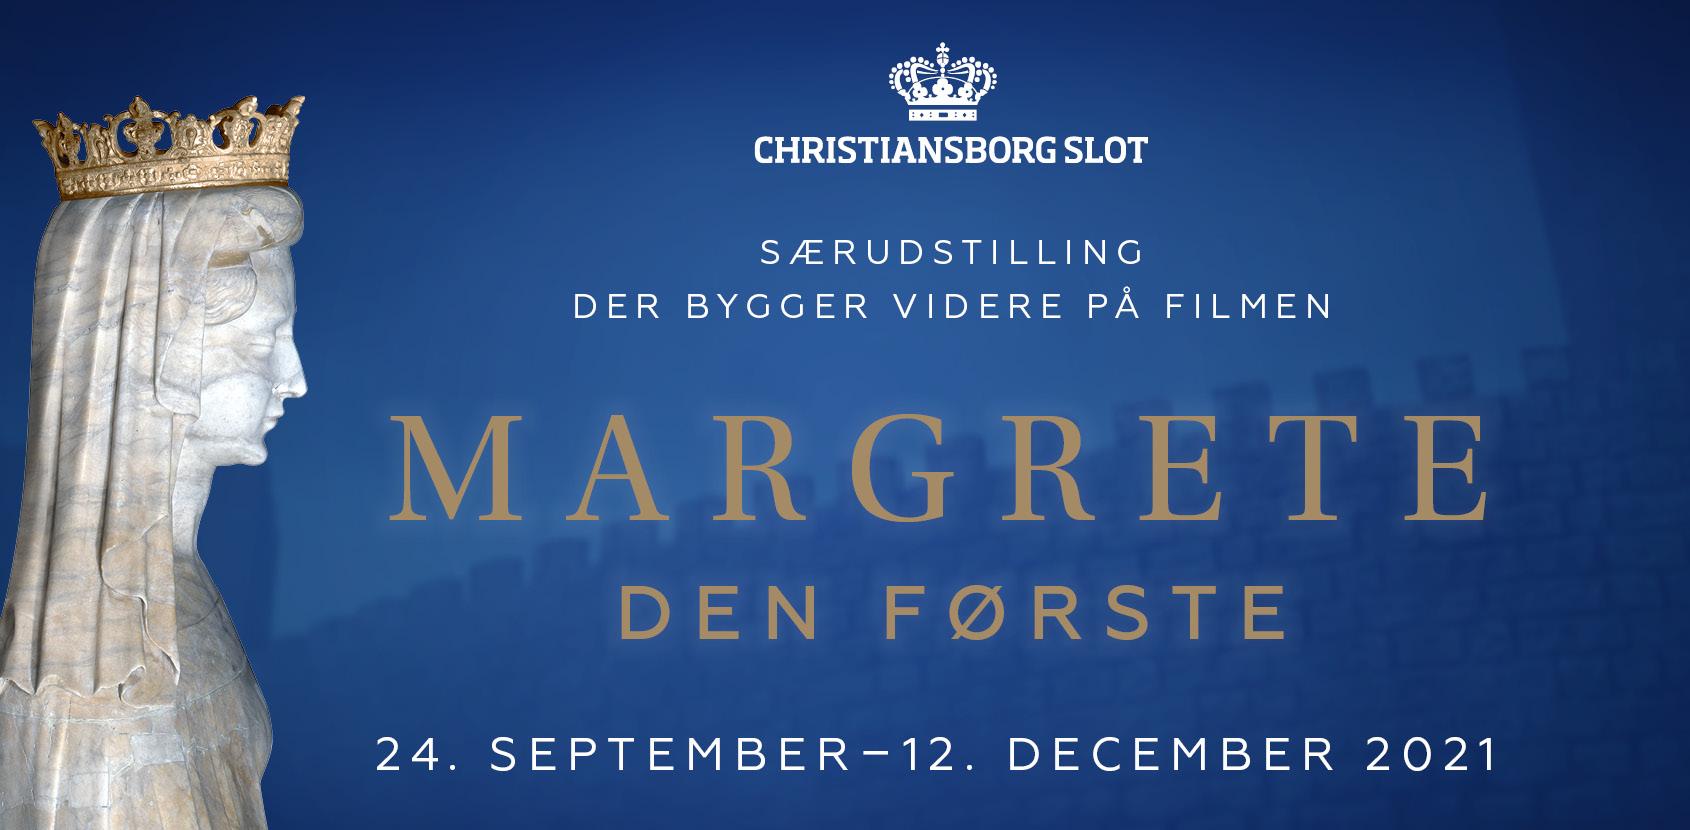 Margrete den første udstilling